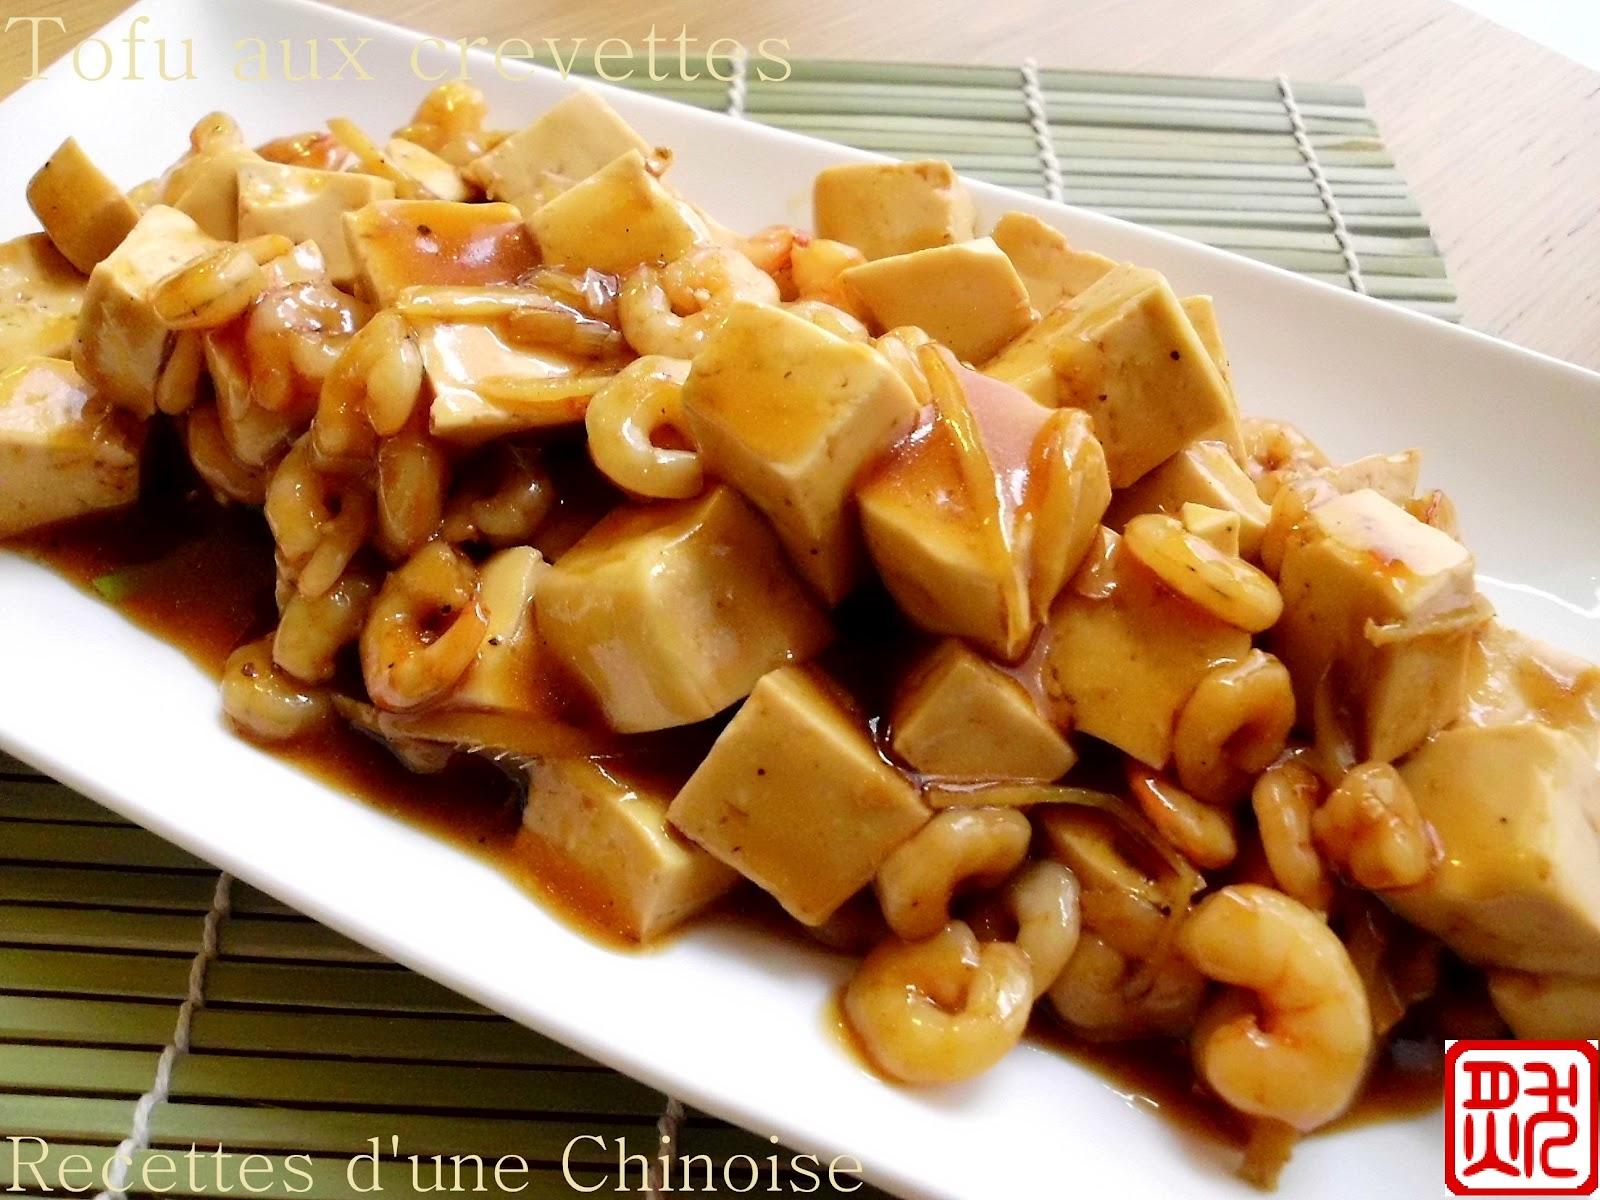 Recettes d 39 une chinoise tofu brais aux crevettes - Cuisiner le tofu ferme ...